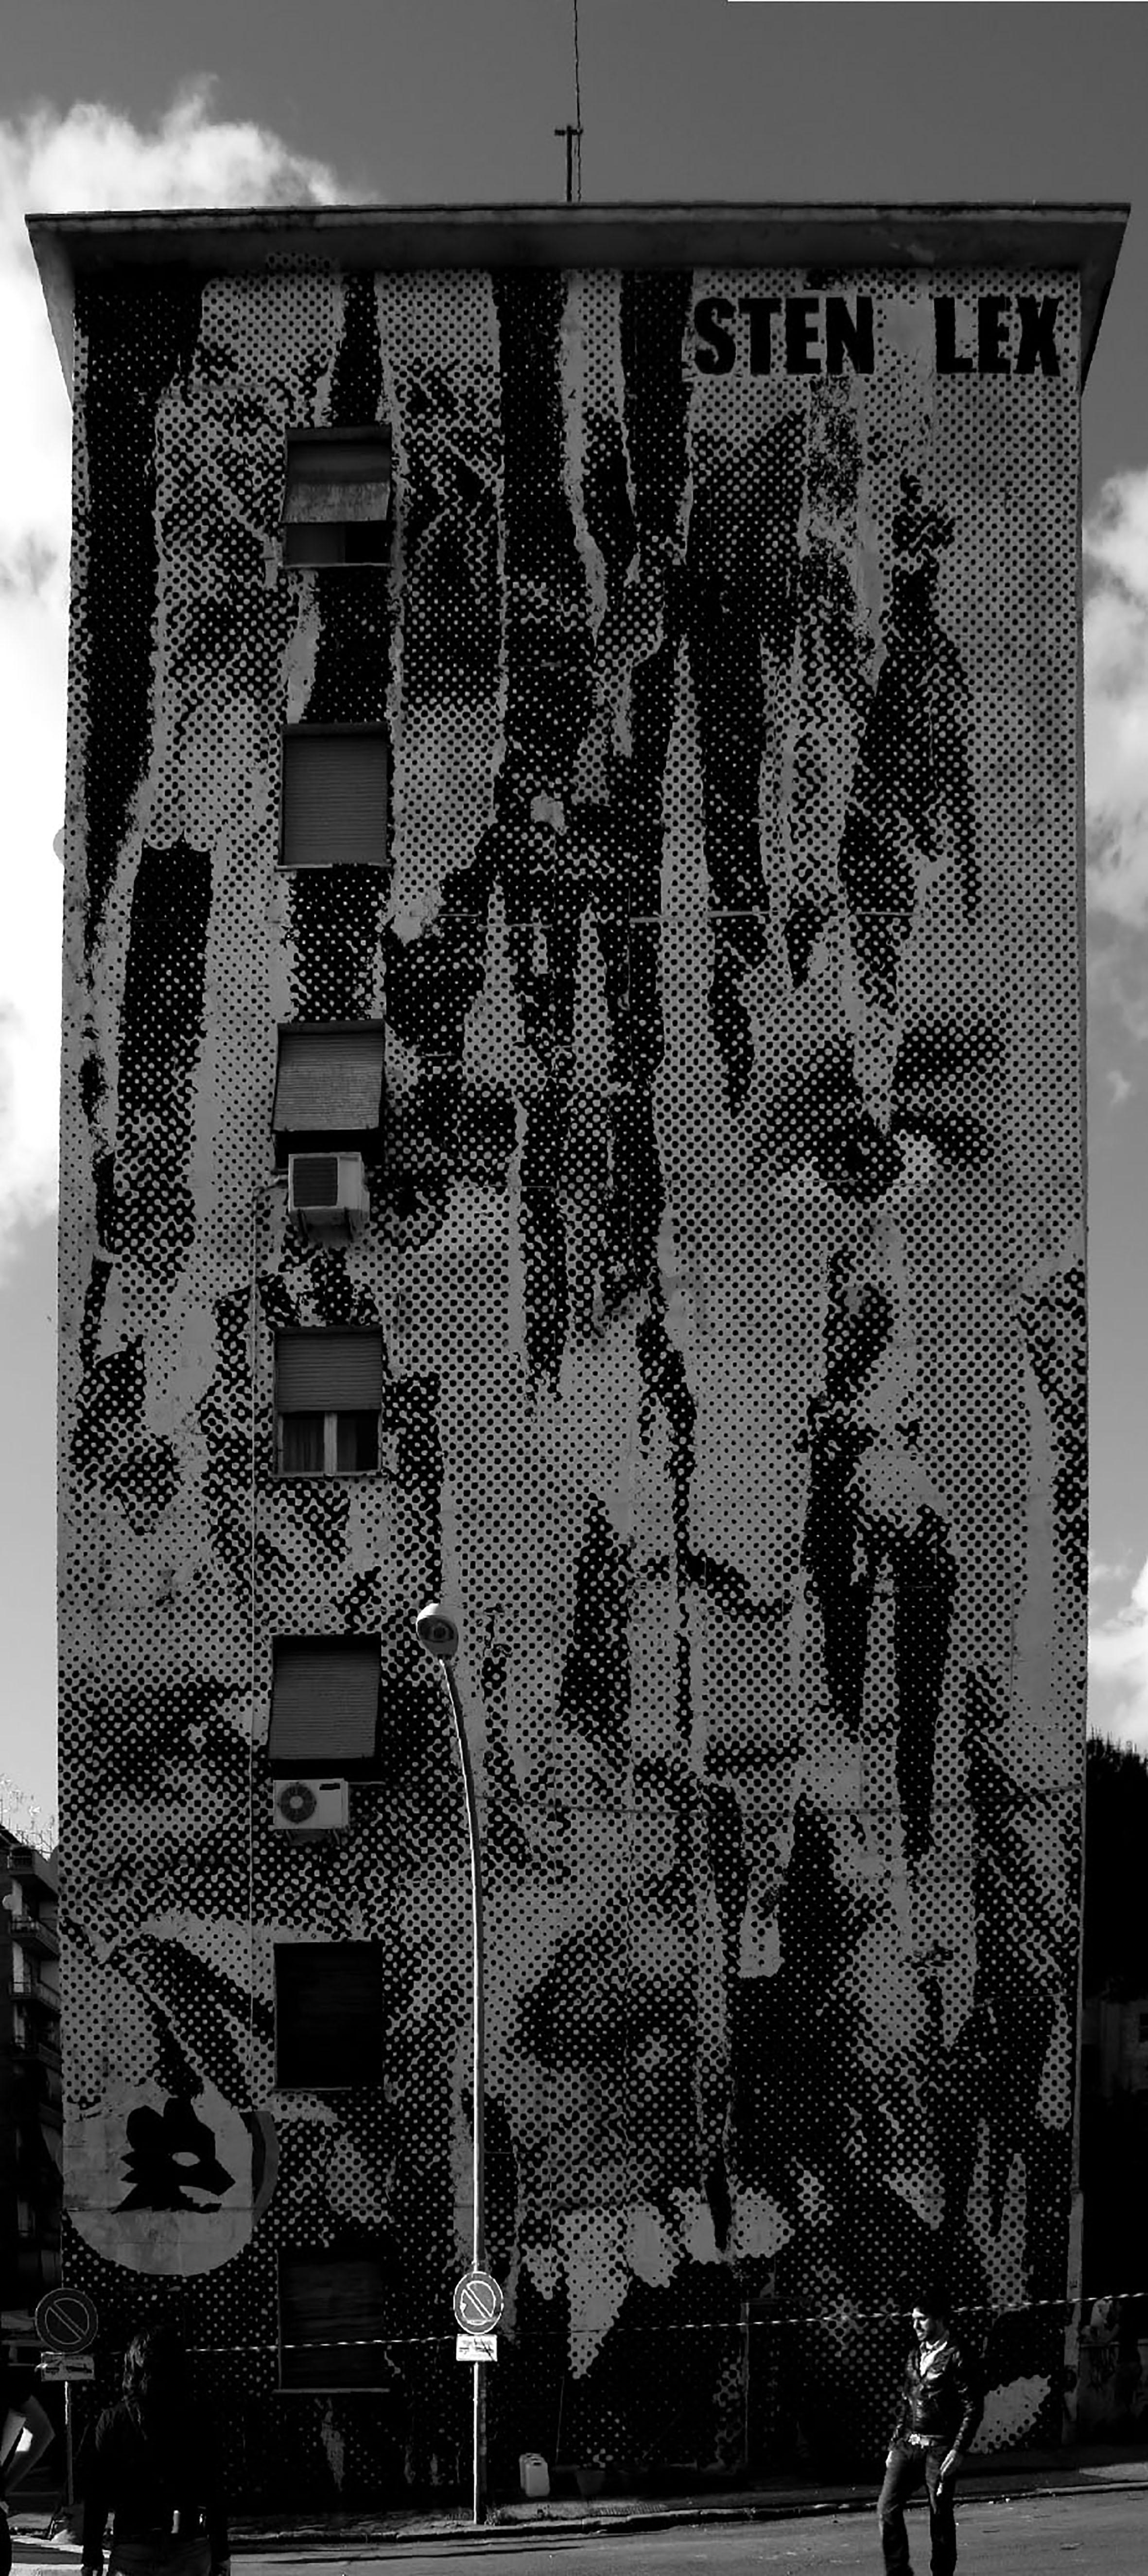 Sten - Lex. Poster temporaneo su parete nel quartiere Garbatella a Roma. 2010